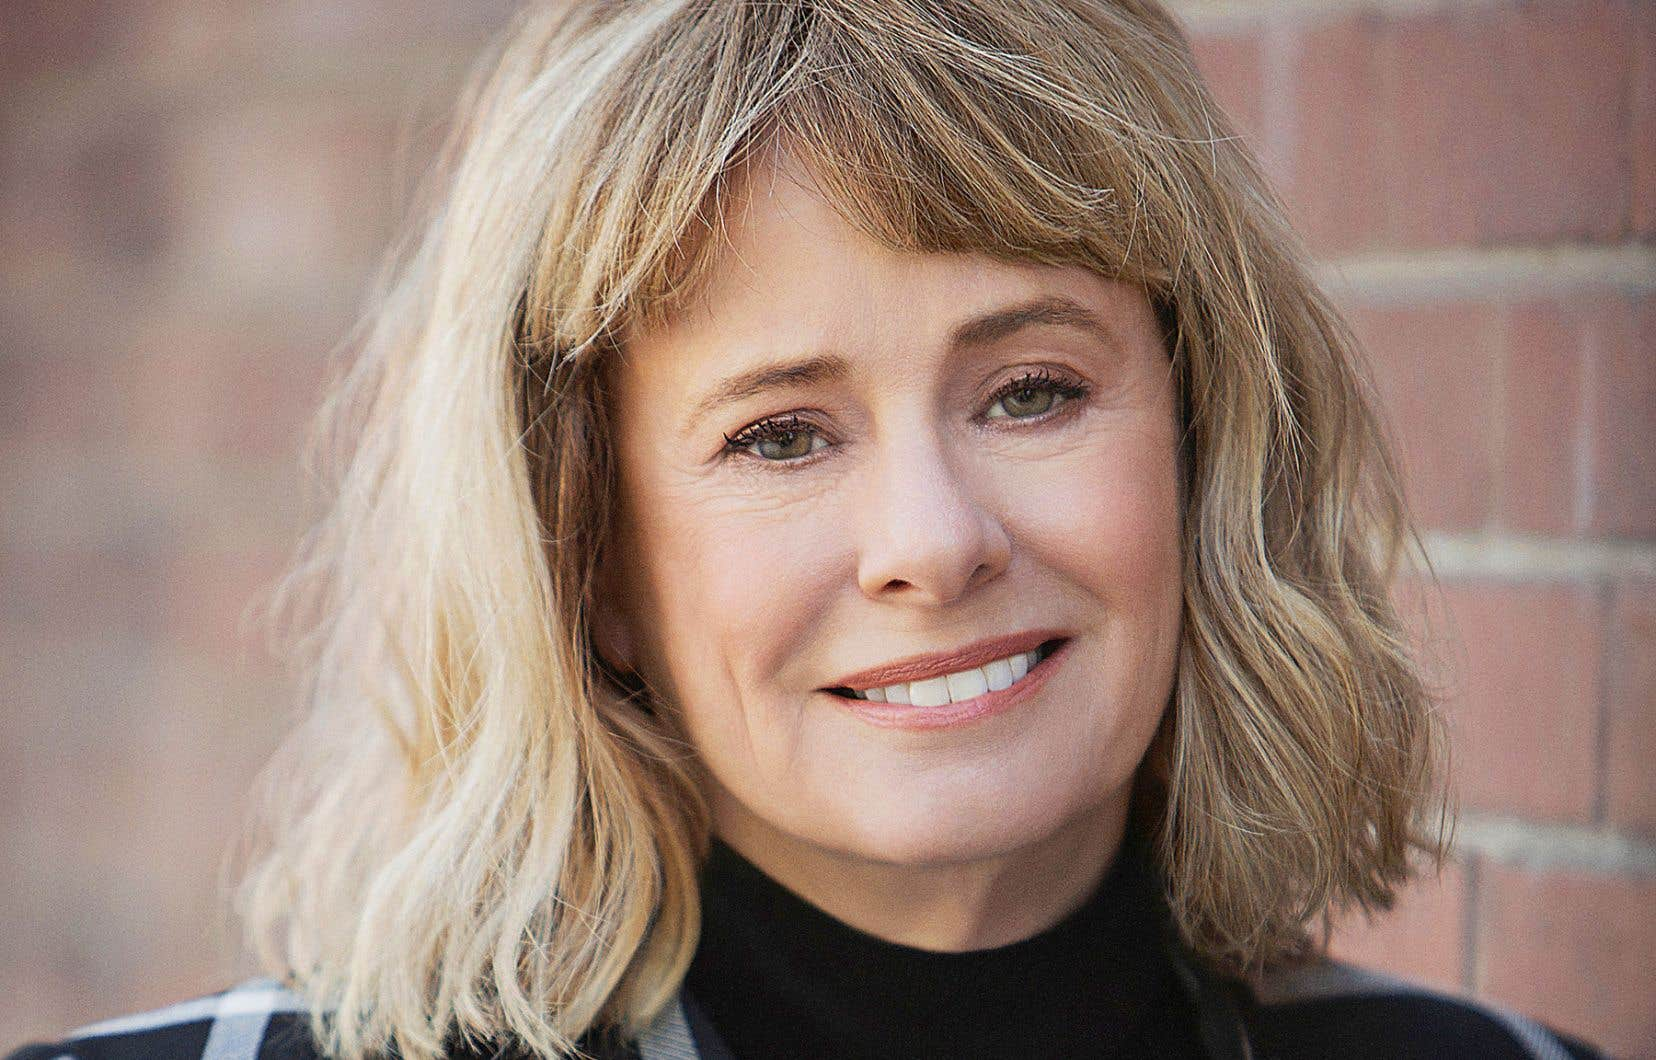 Isolée sans vraiment l'être pendant ce confinement, Kathy Reichs consacre le temps originellement prévu pour la tournée à l'écriture de son prochain roman.